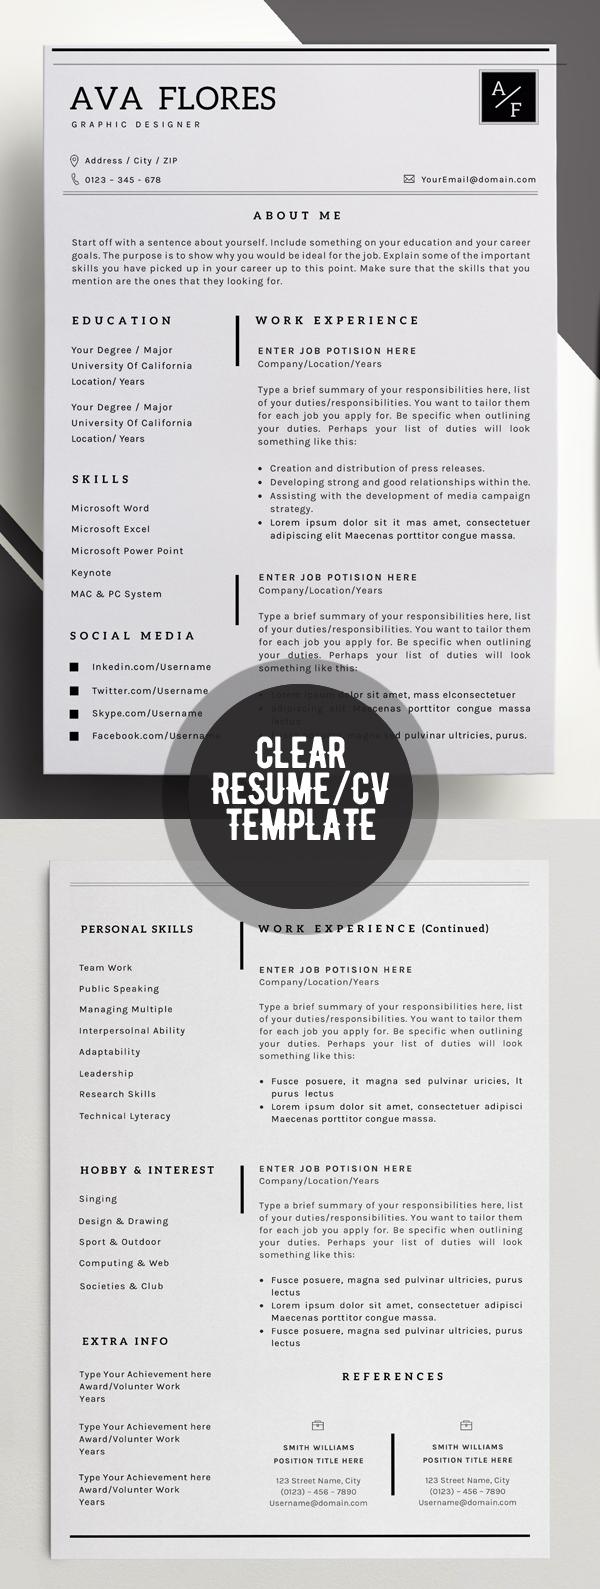 13 templates de CV para creativos | paredro.com